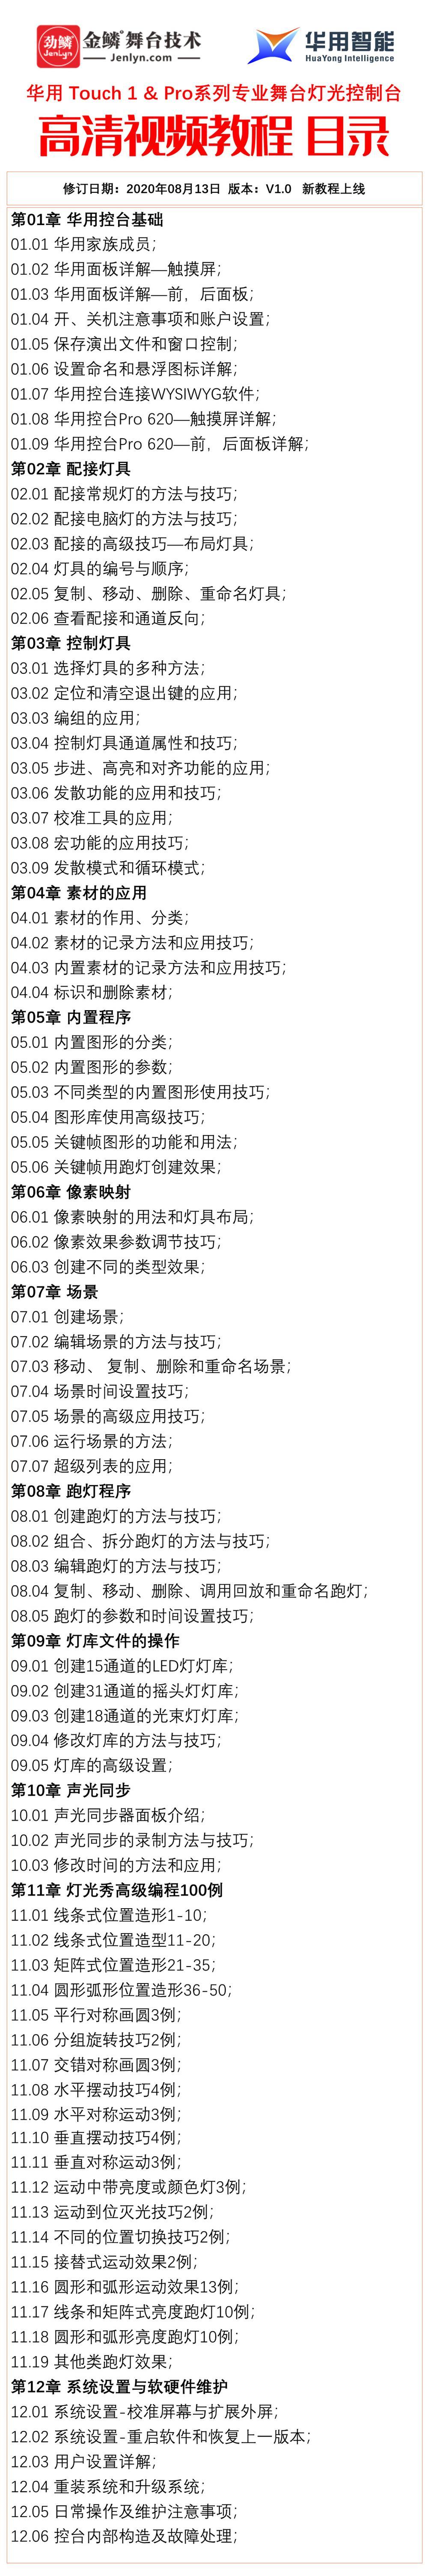 华用控台视频教程目录.jpg